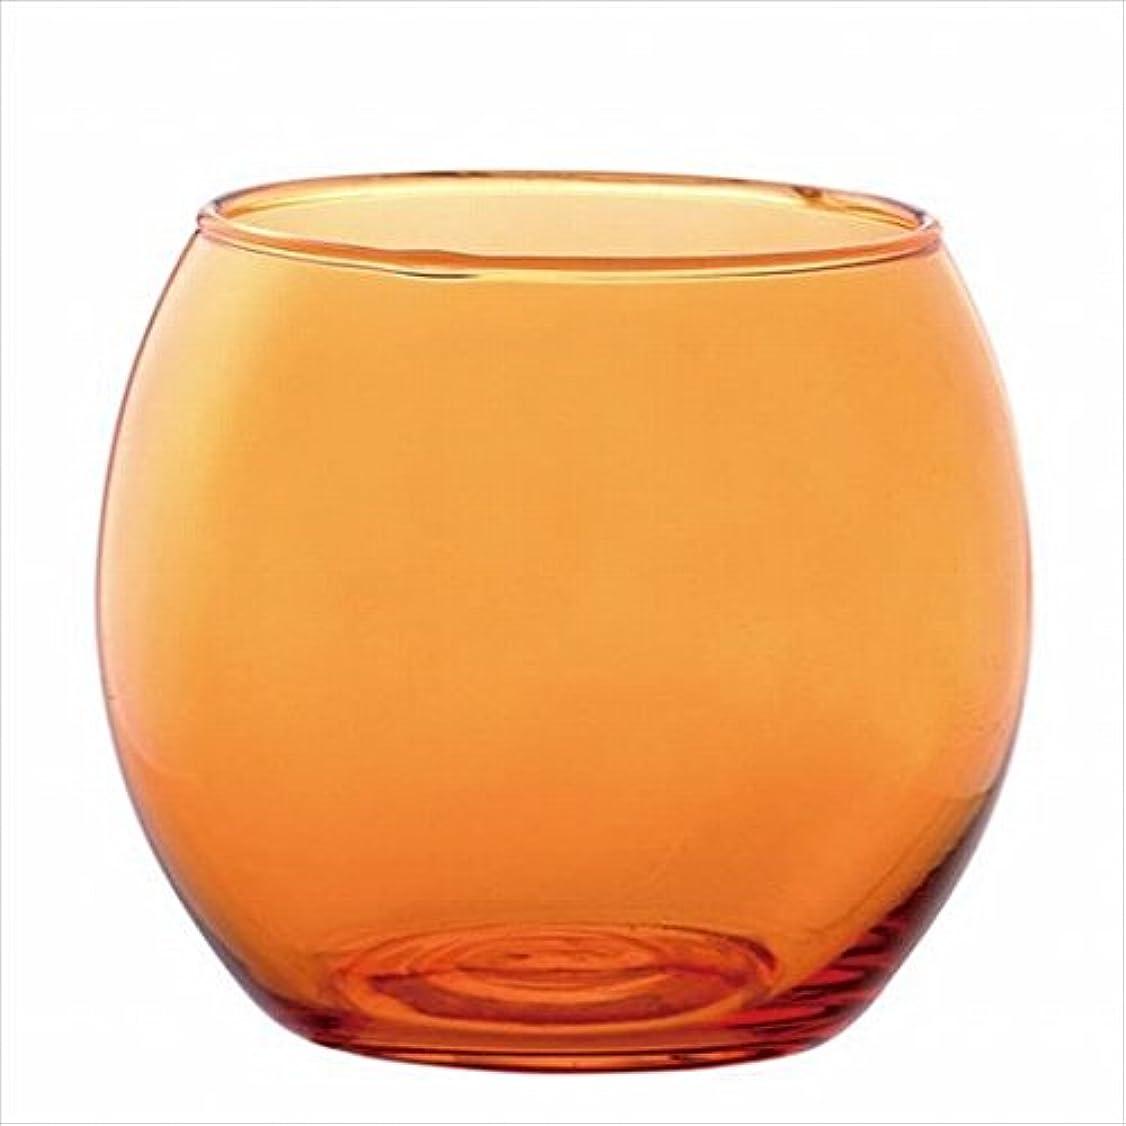 文言通信網ペンカメヤマキャンドル( kameyama candle ) スフィアキャンドルホルダー 「 オレンジ 」